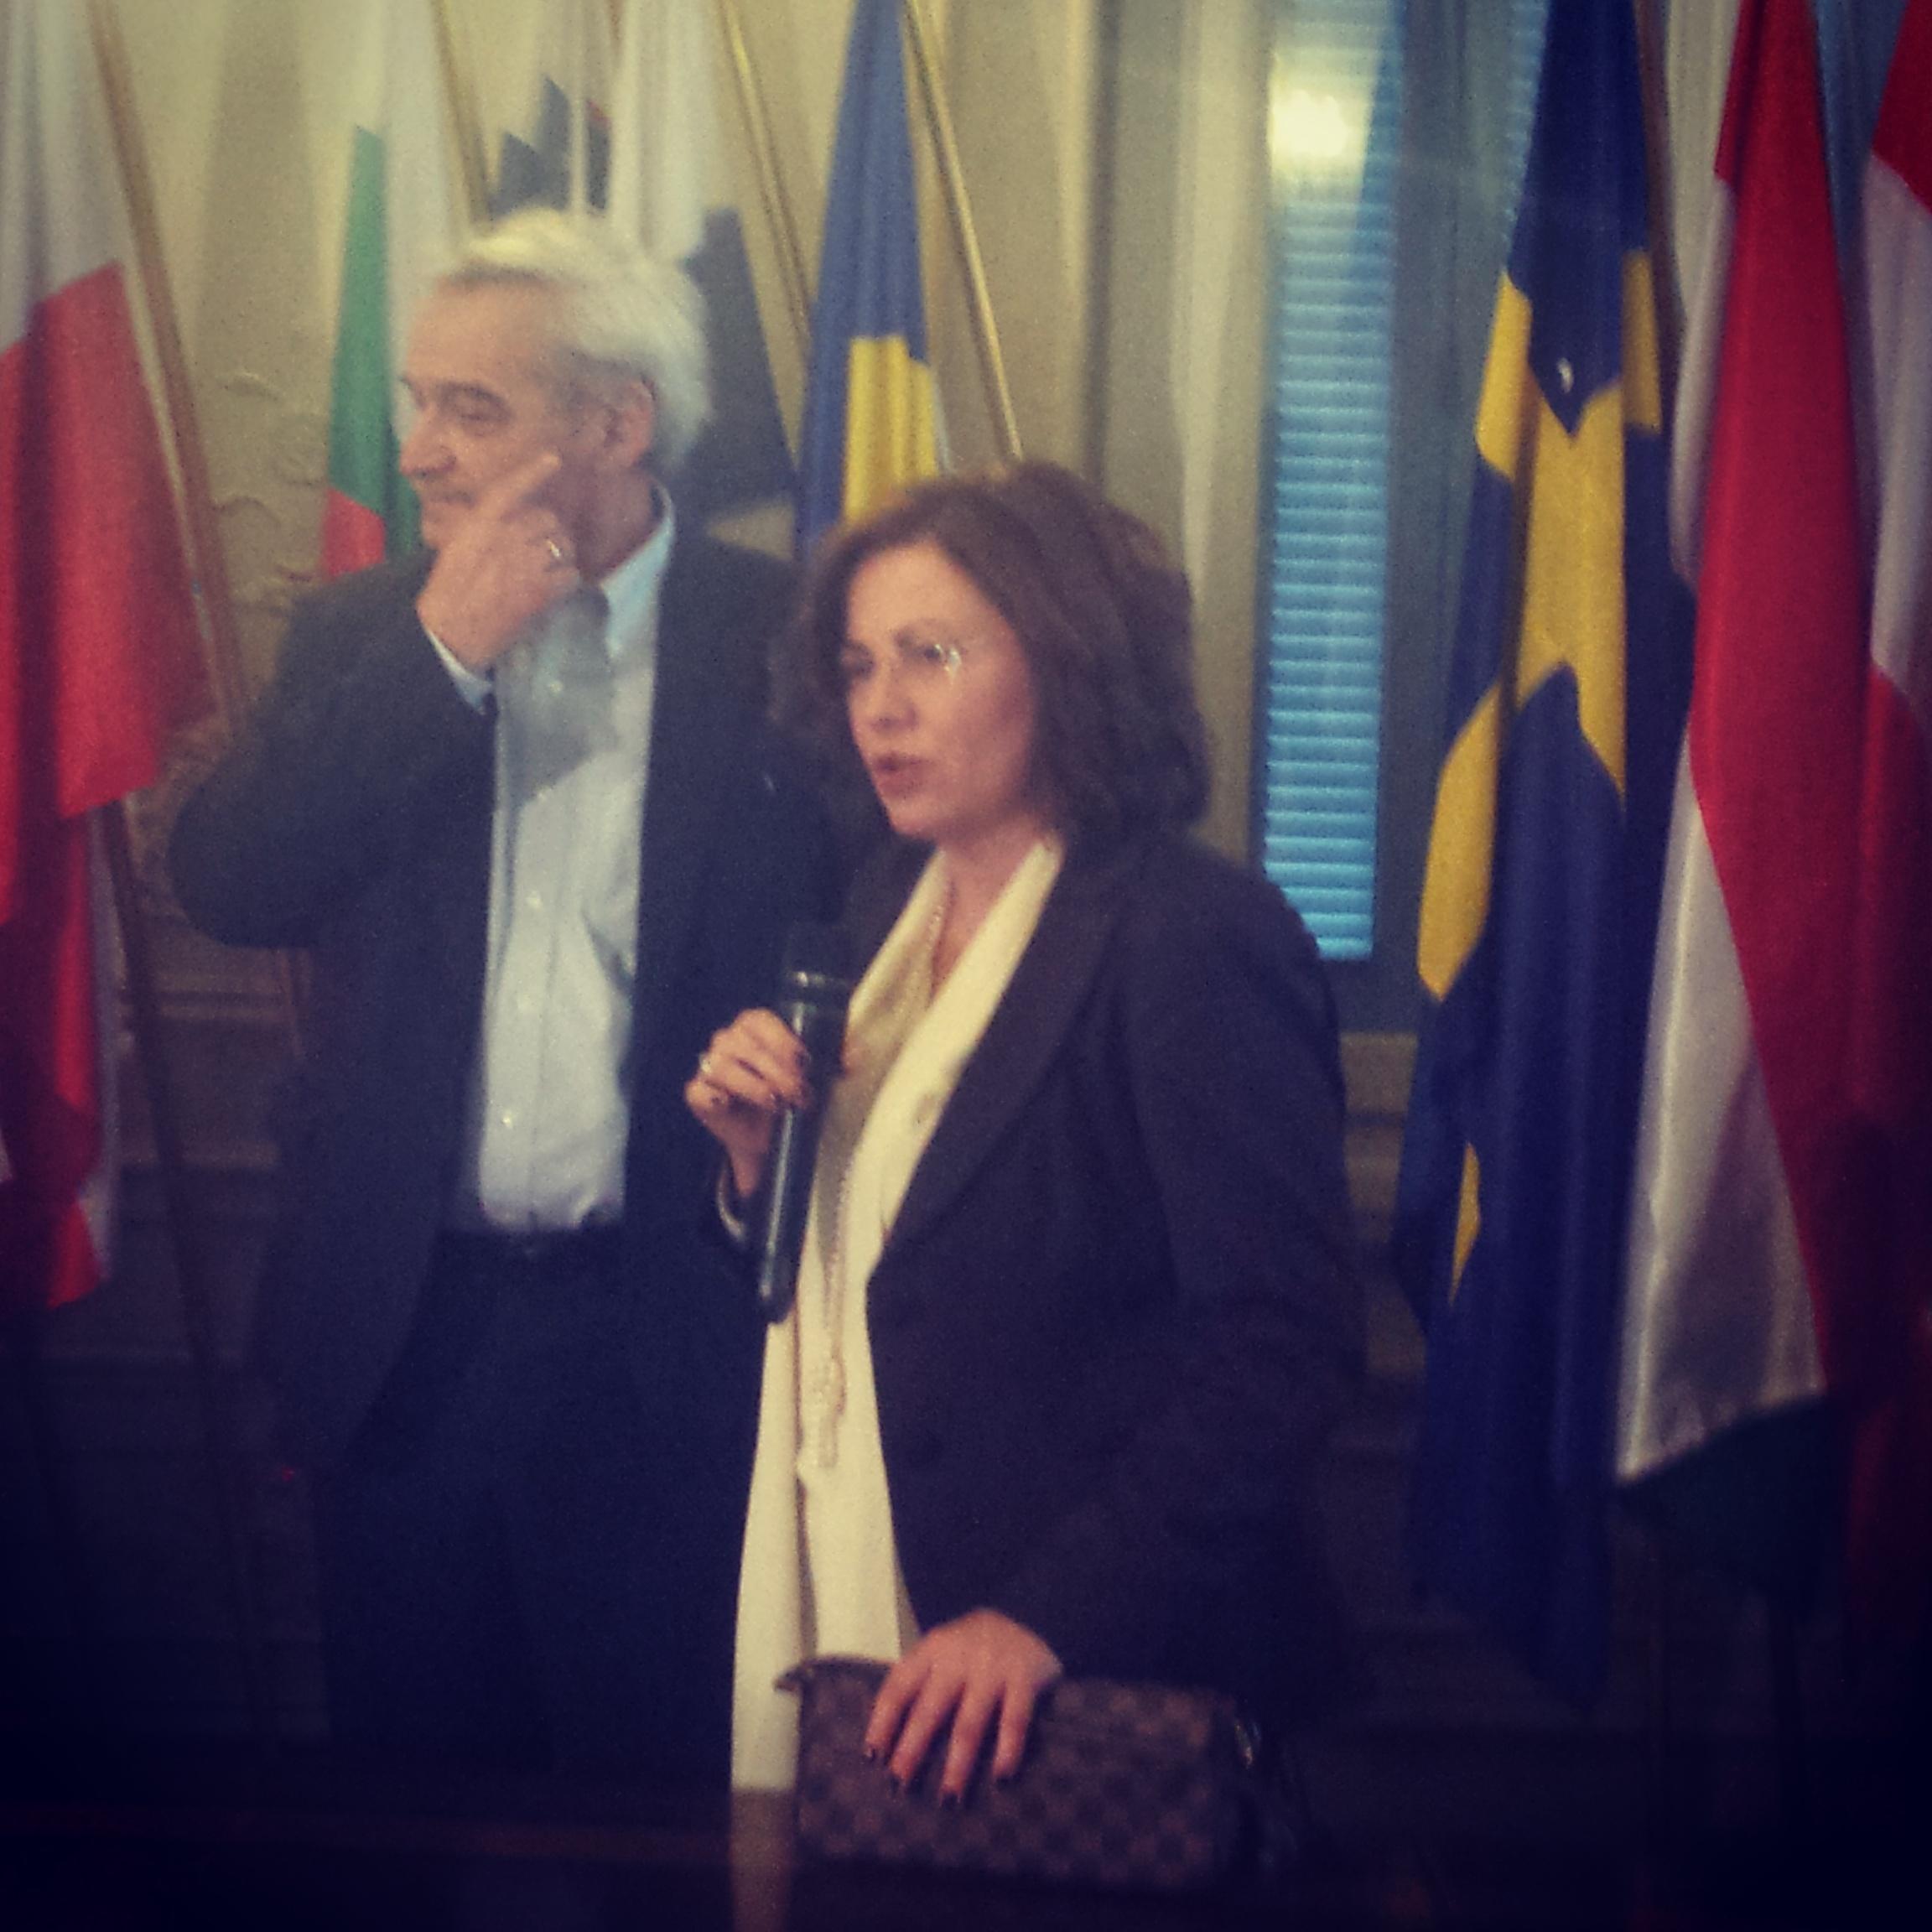 Εκδήλωση του Γραφείου του Ευρωπαϊκού Κοινοβουλίου στην Αθήνα